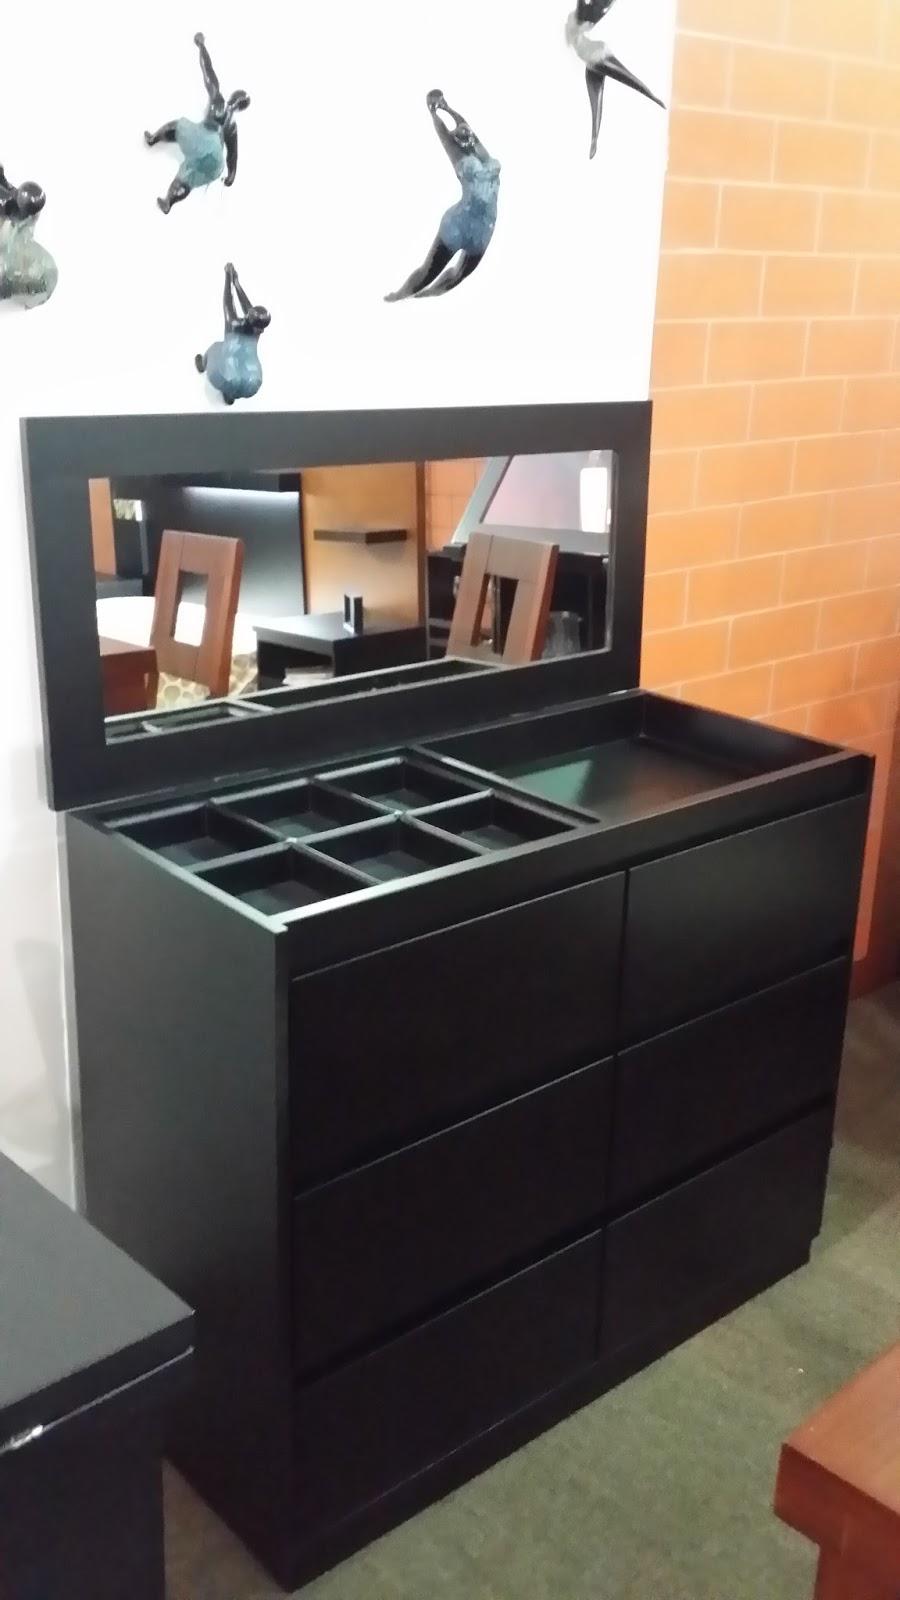 El artesano del mueble mayo 2015 - Muebles el artesano ...